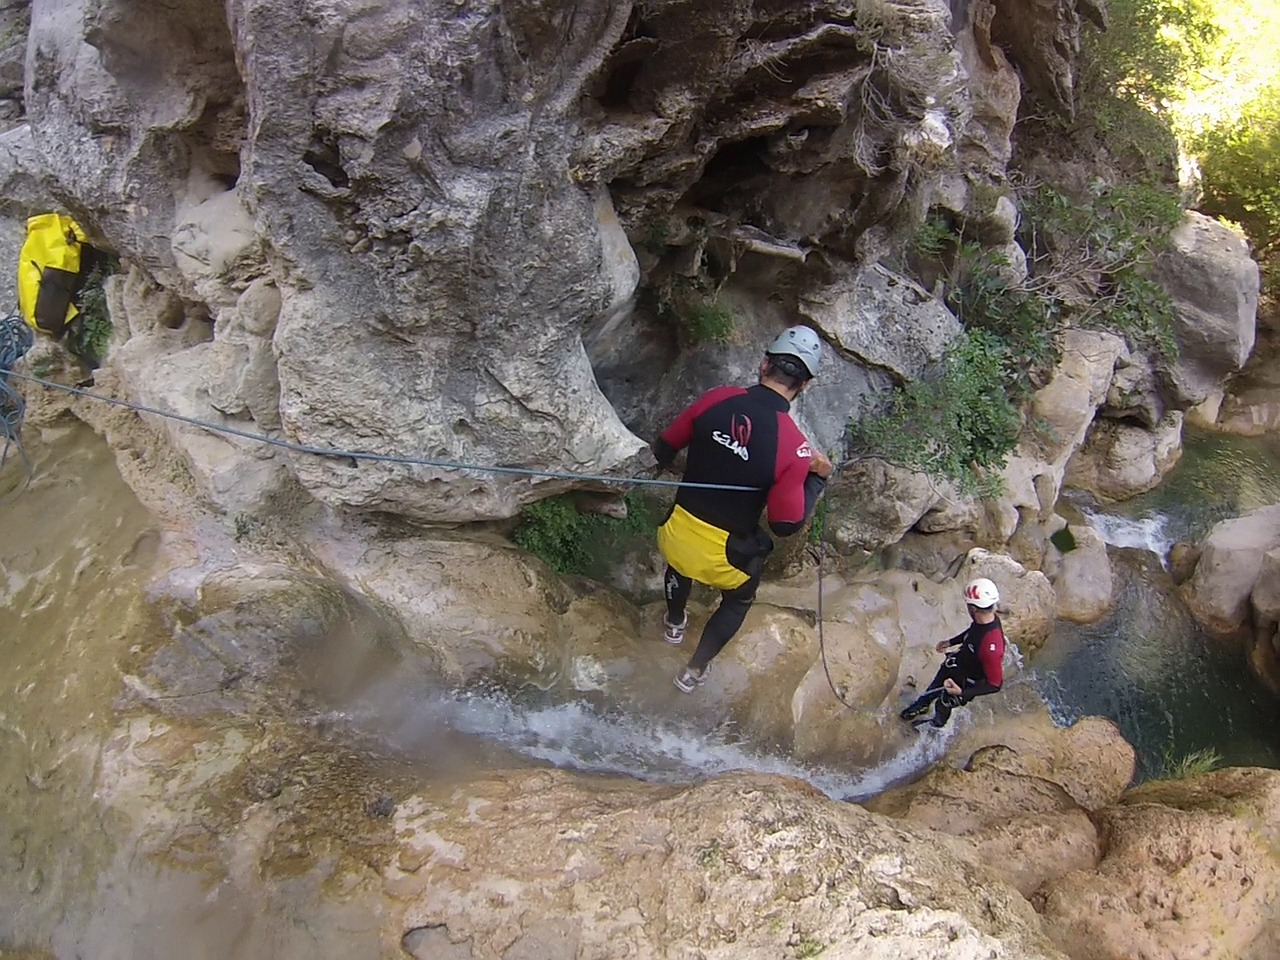 Zwei Männer sterben beim Canyoning in Italien | BR24